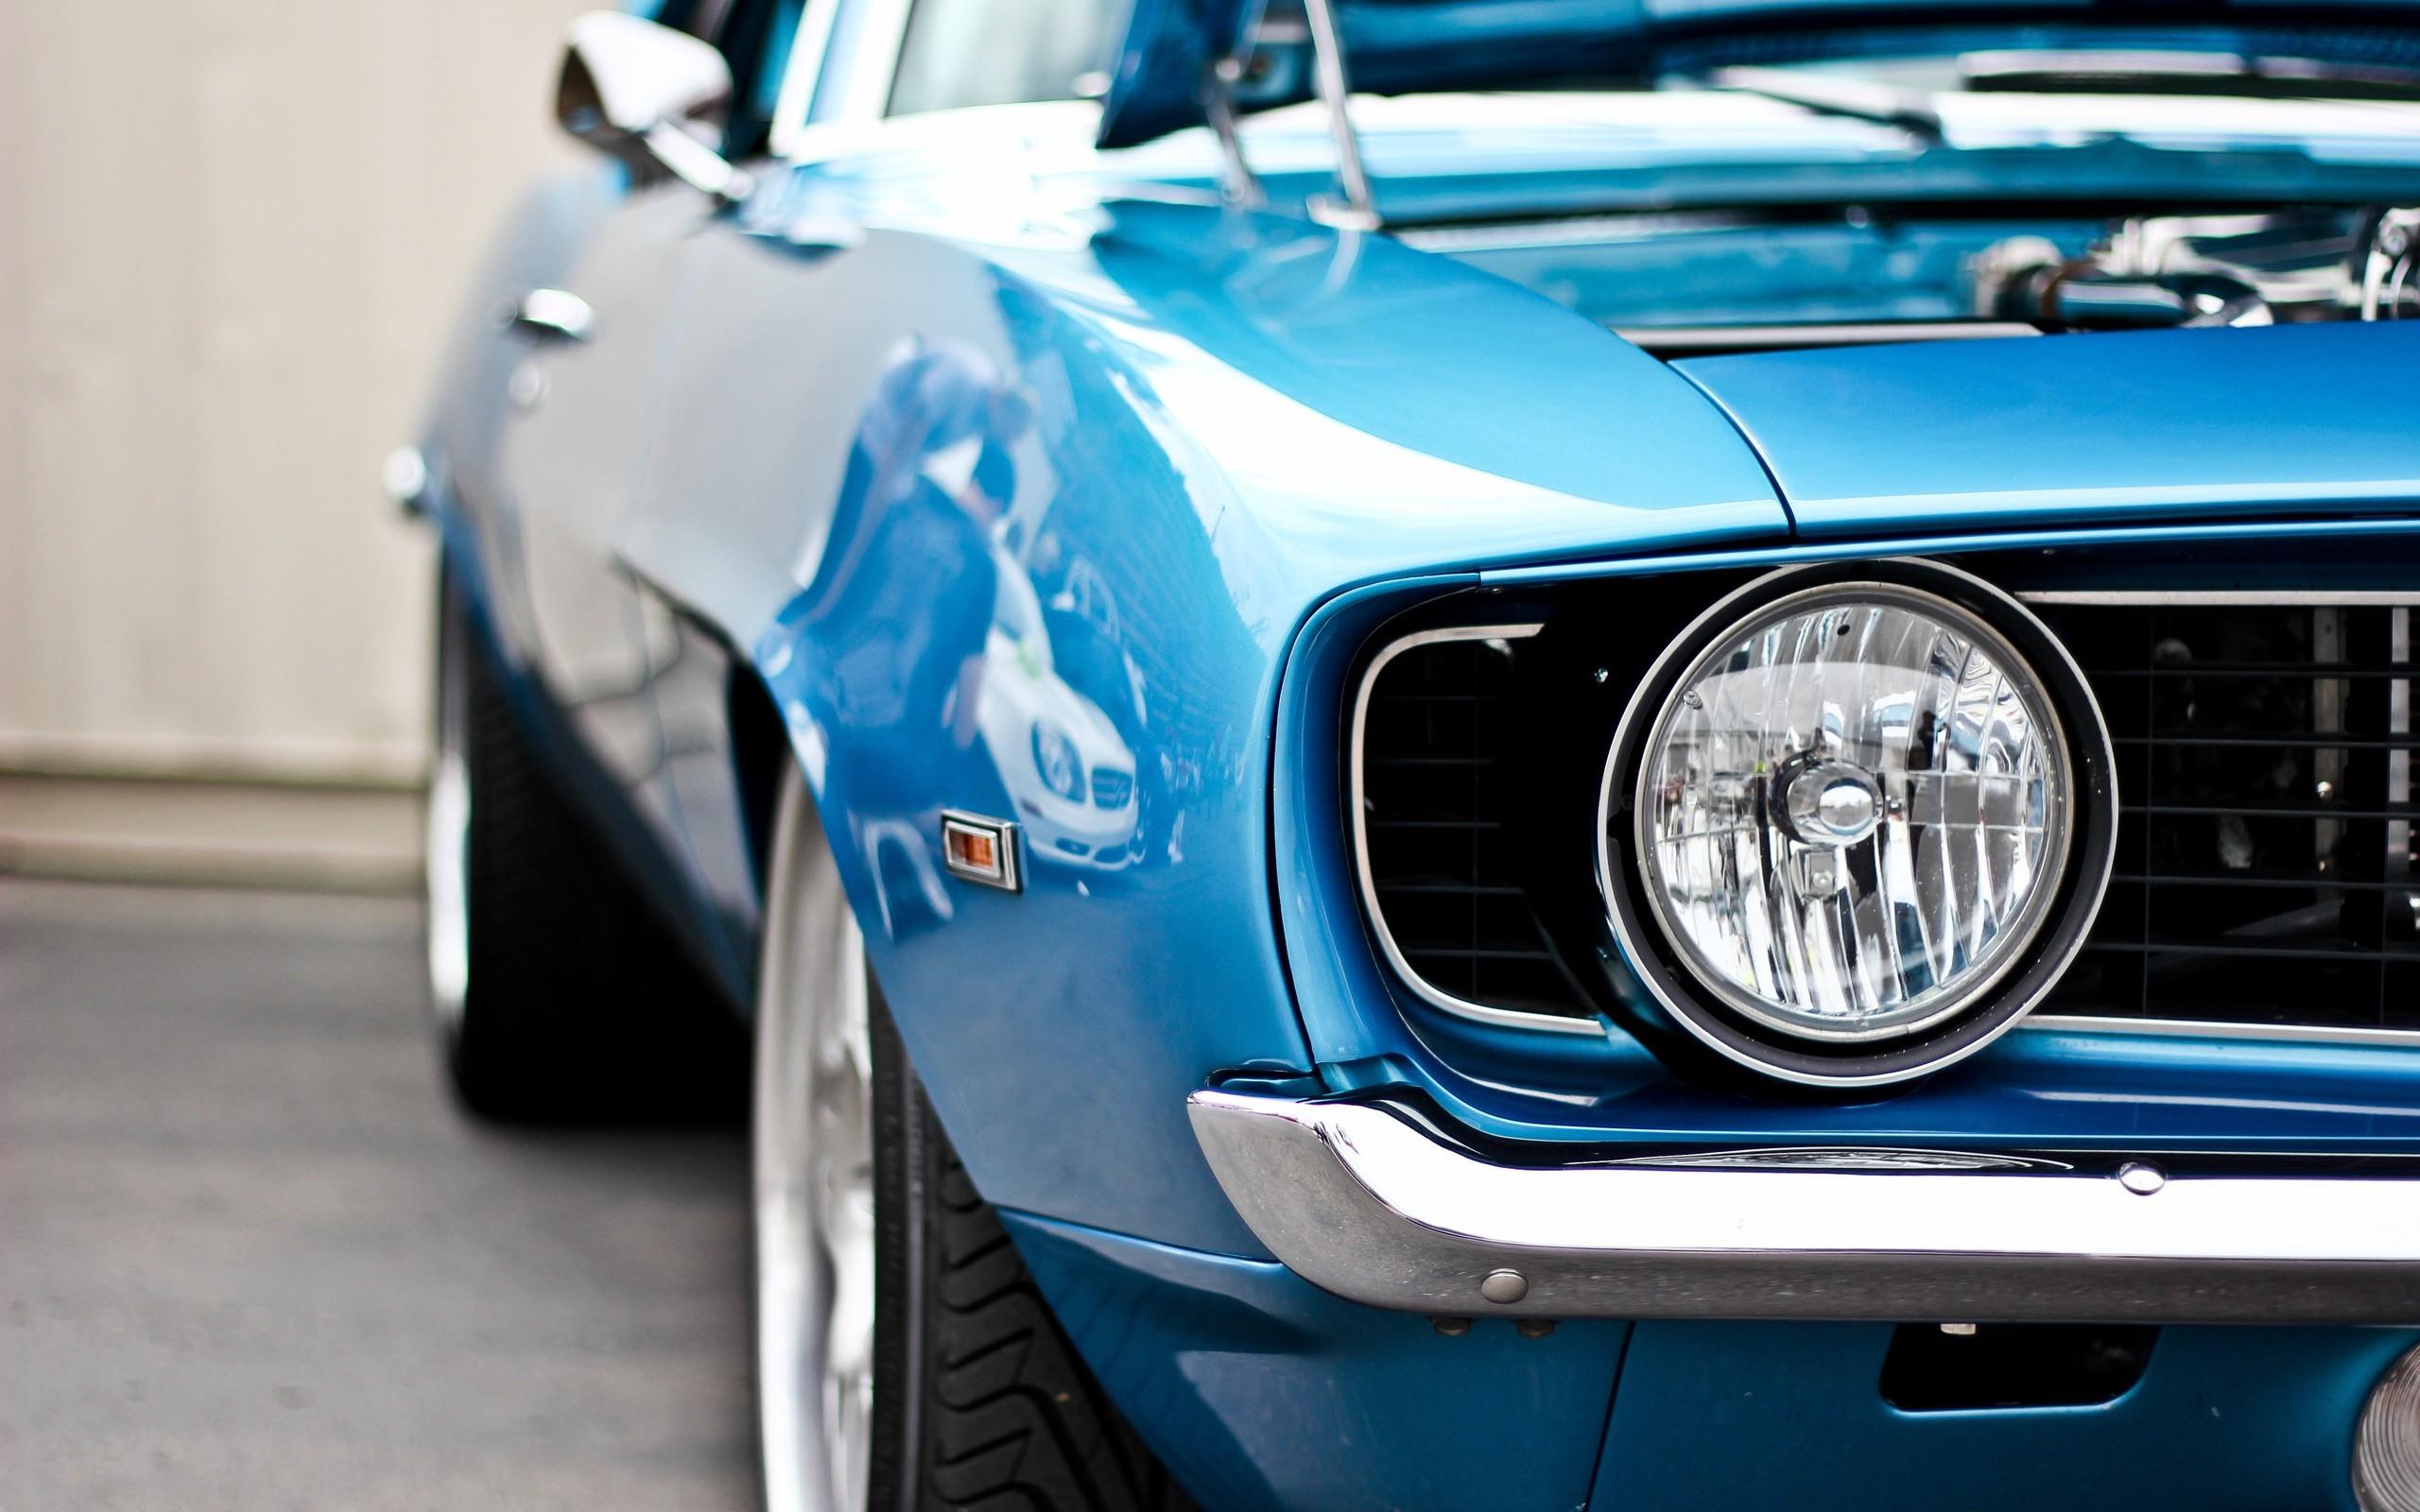 1969 Camaro SS 2560x1600 Px